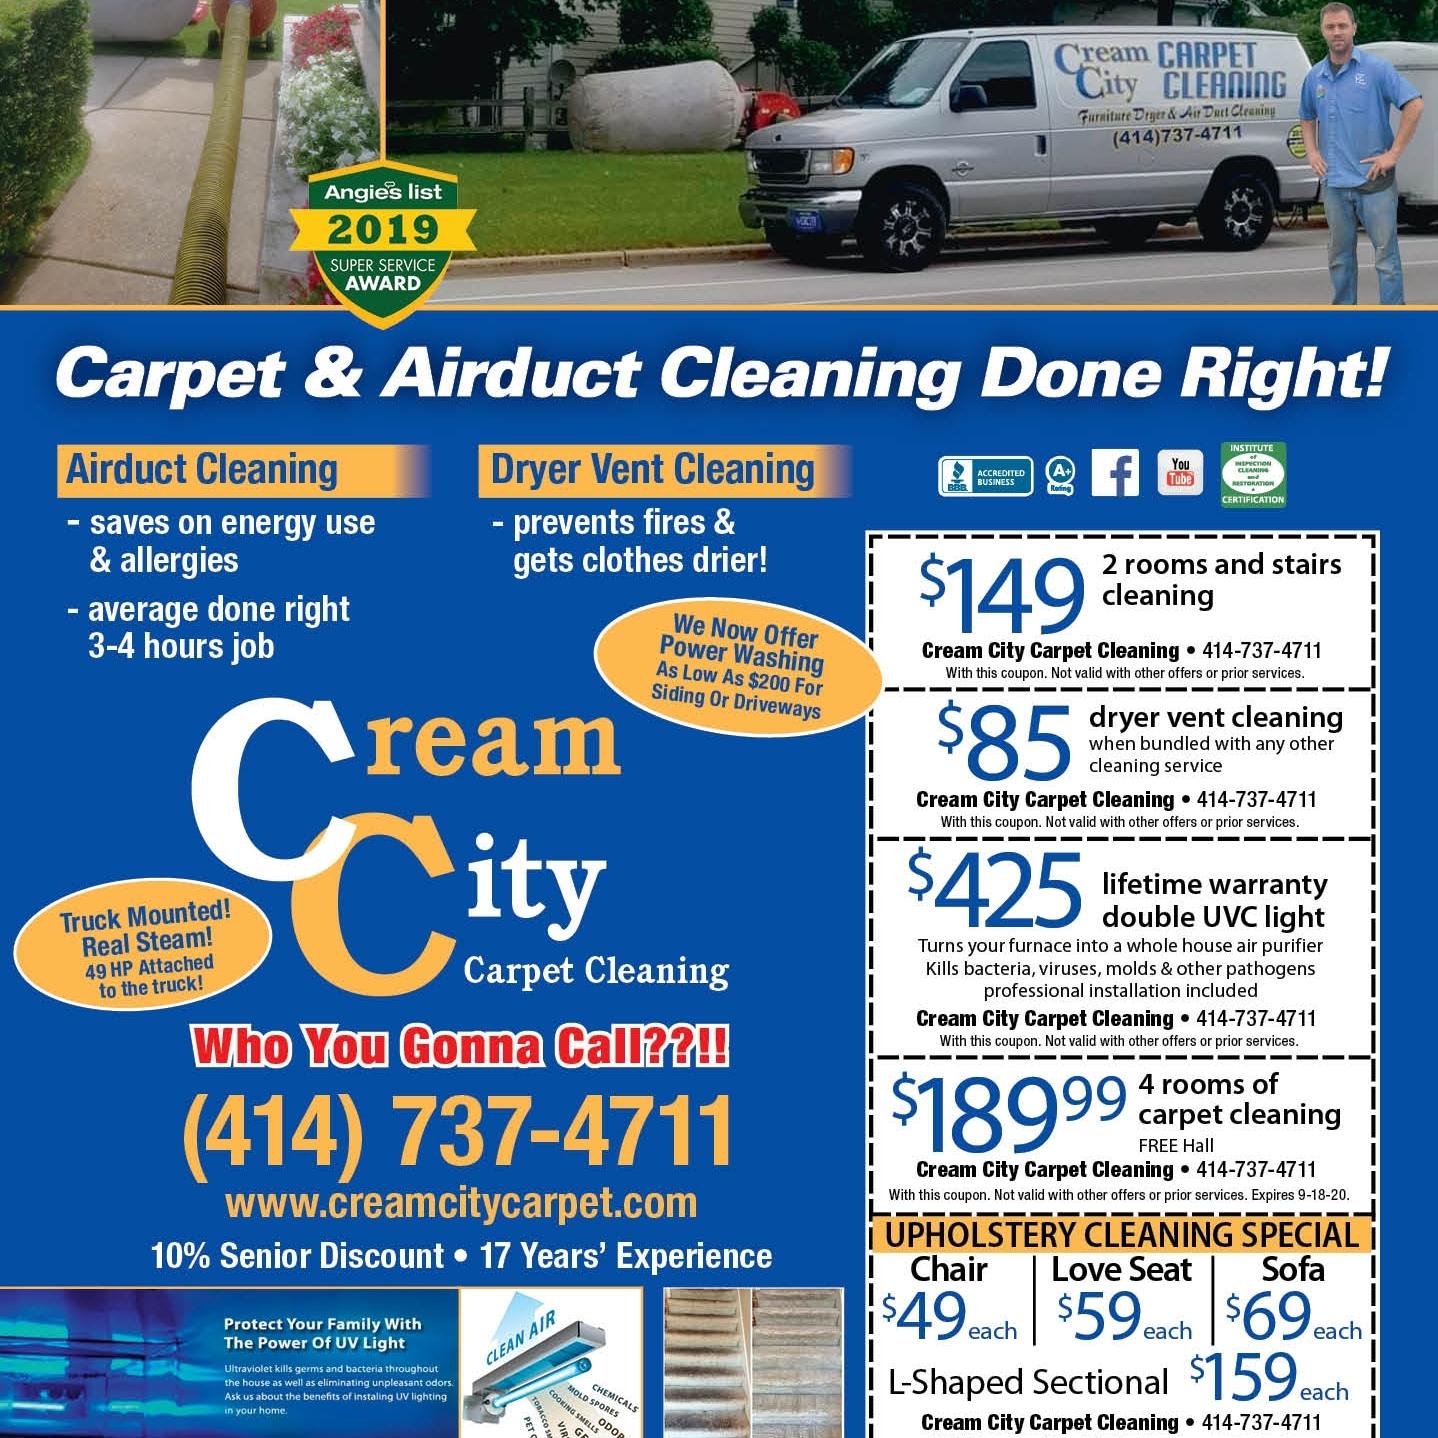 Cream City Carpet Cleaning